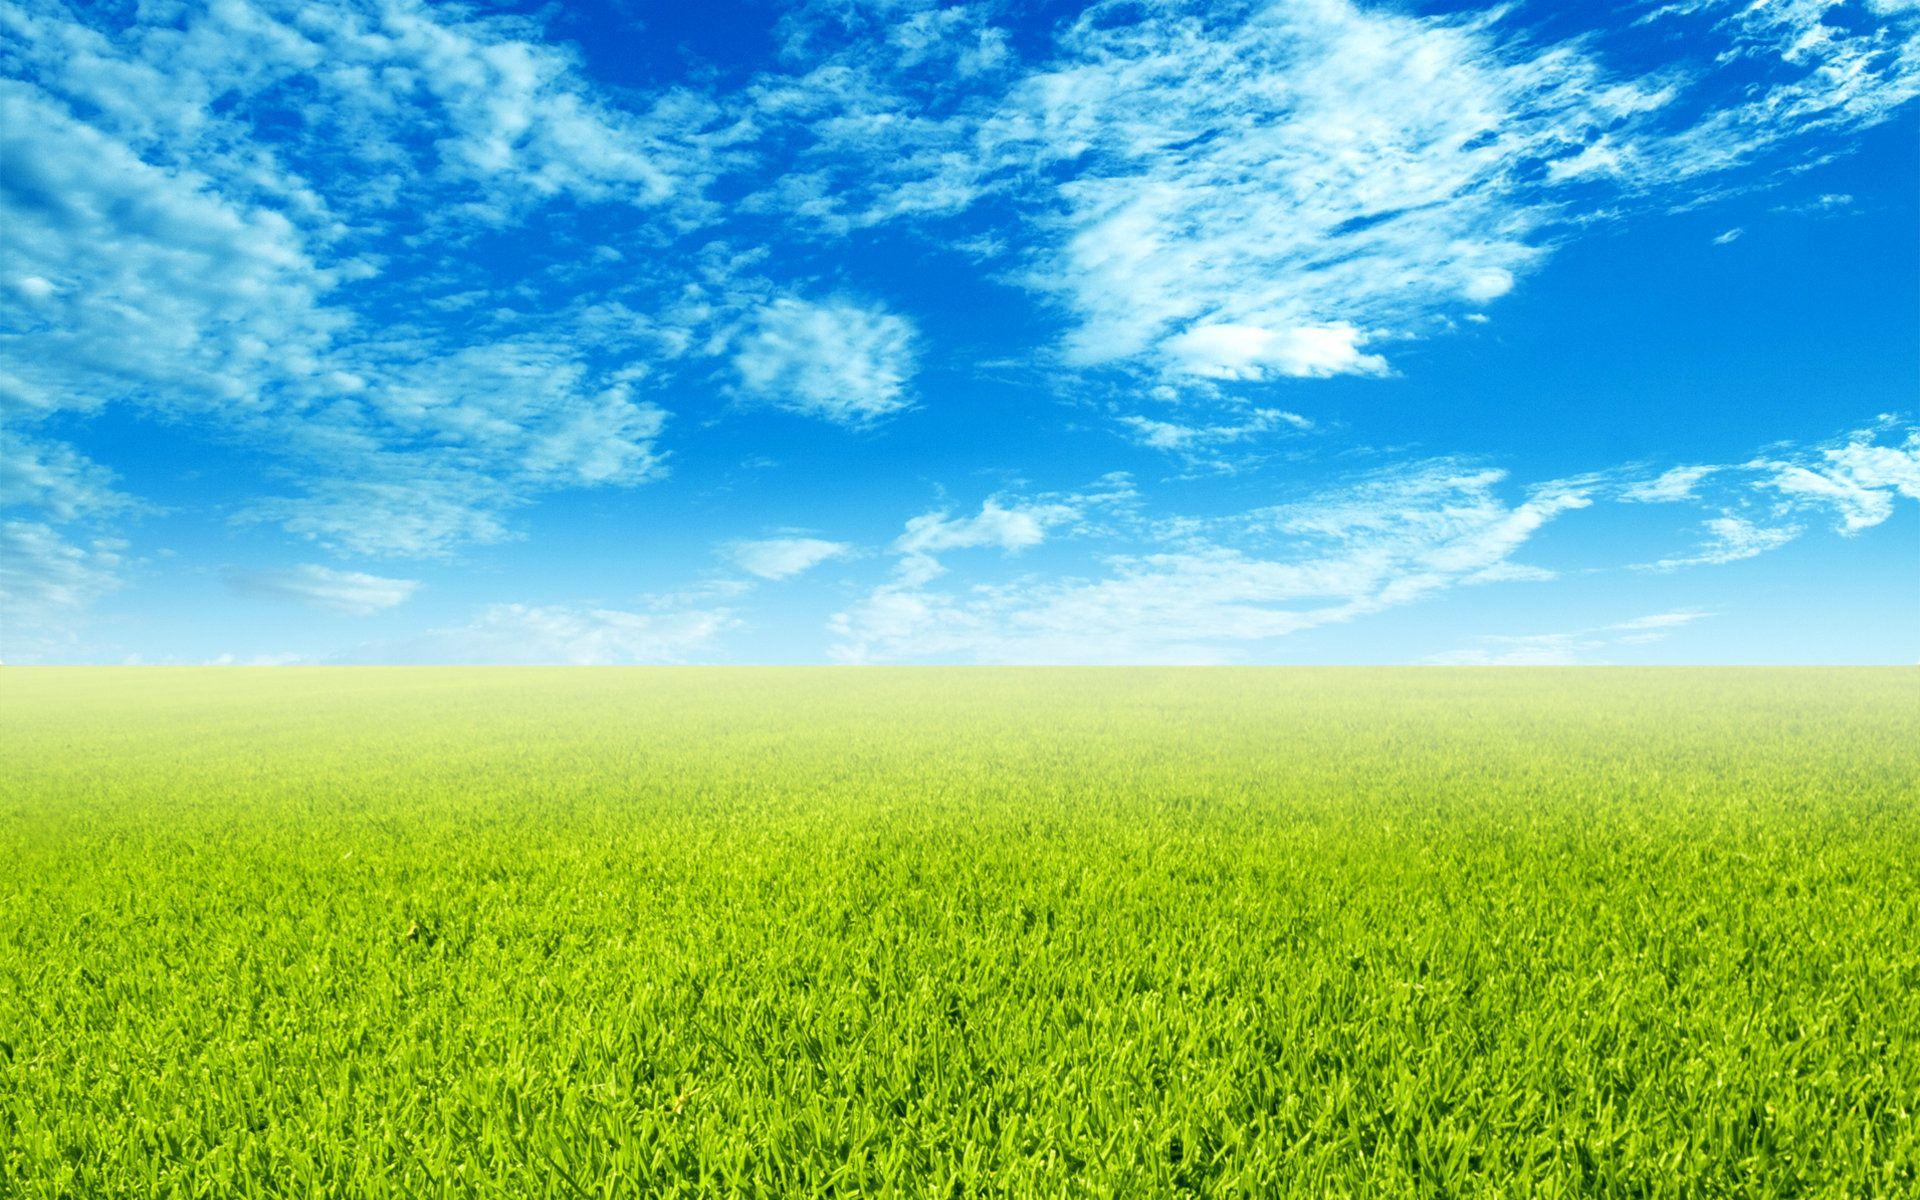 Green Field Wallpaper Field Wallpaper Free Wallpaper Backgrounds Landscape Wallpaper